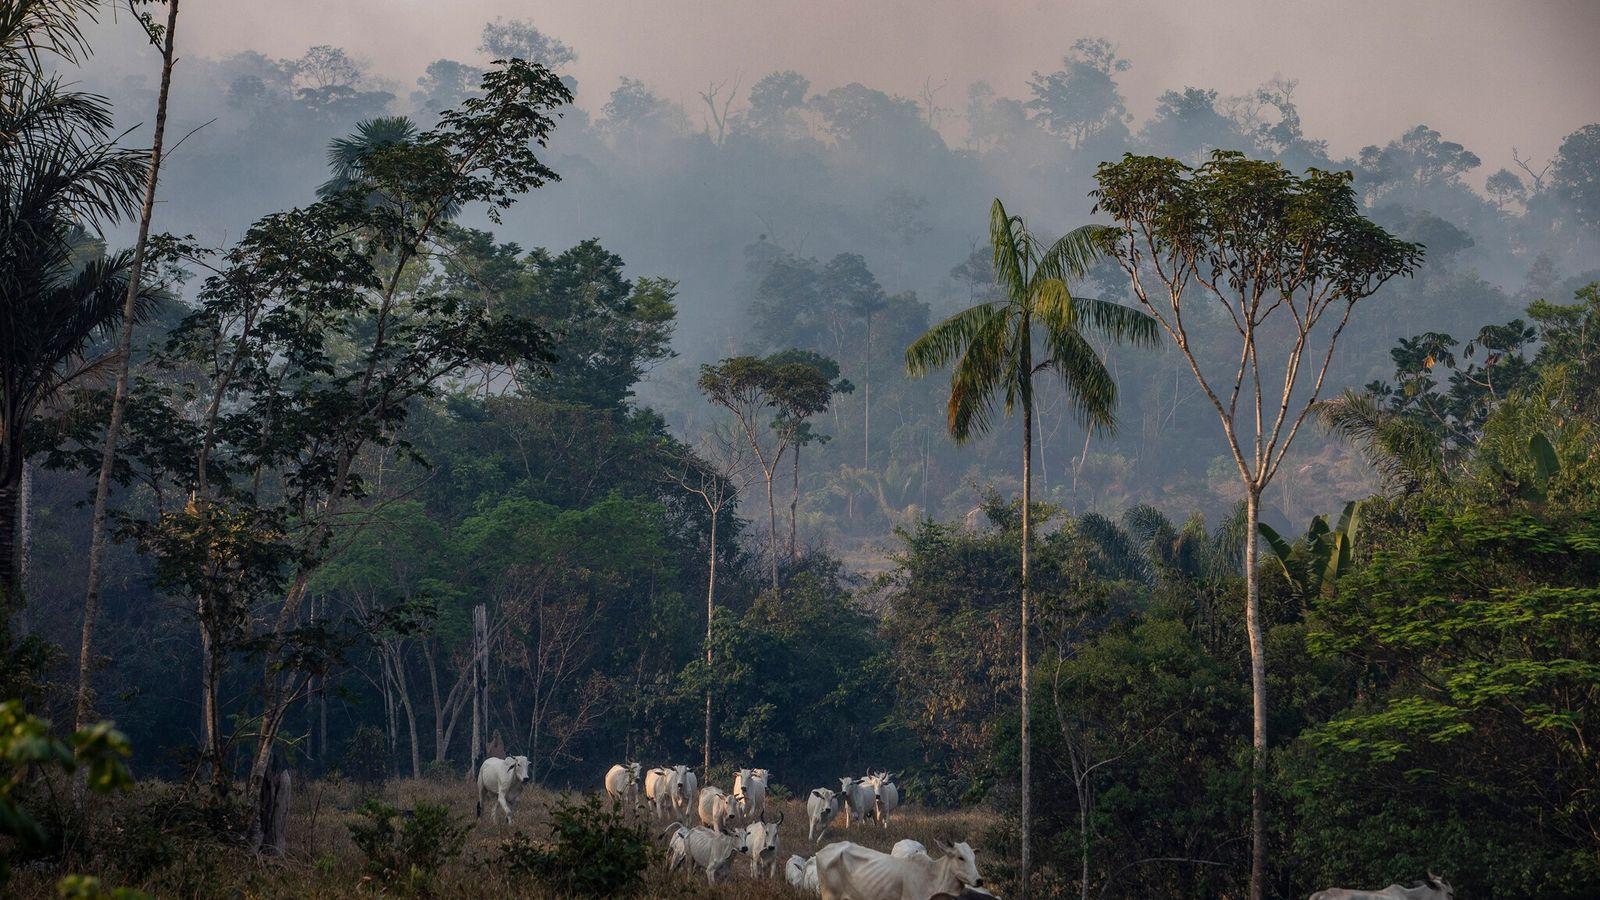 Fumaça de incêndio florestal sobre uma fazenda de gado no estado de Mato Grosso em 2019. ...